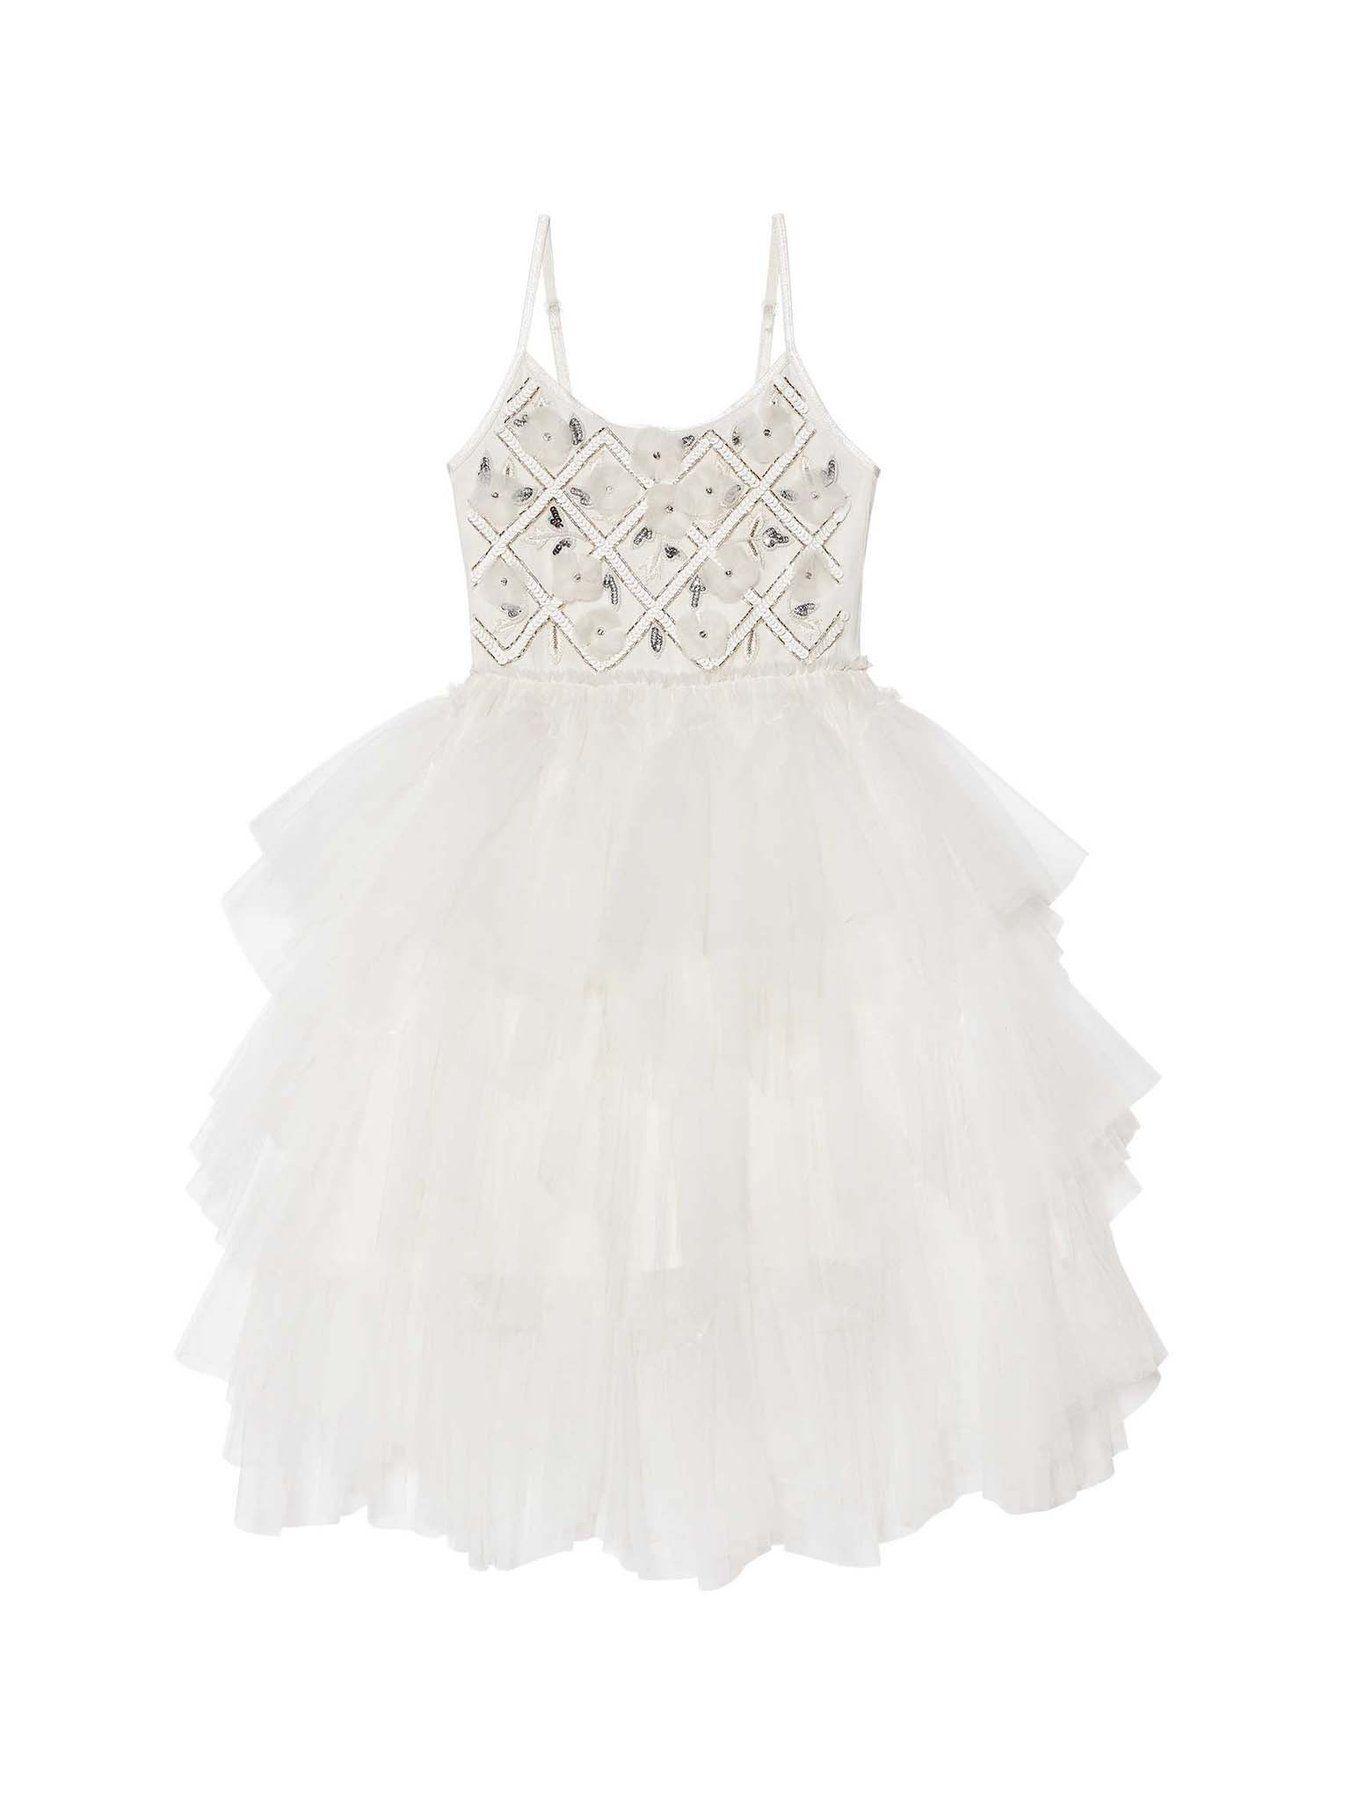 TDM5716 WHITE DRESSES TUTU MONDE